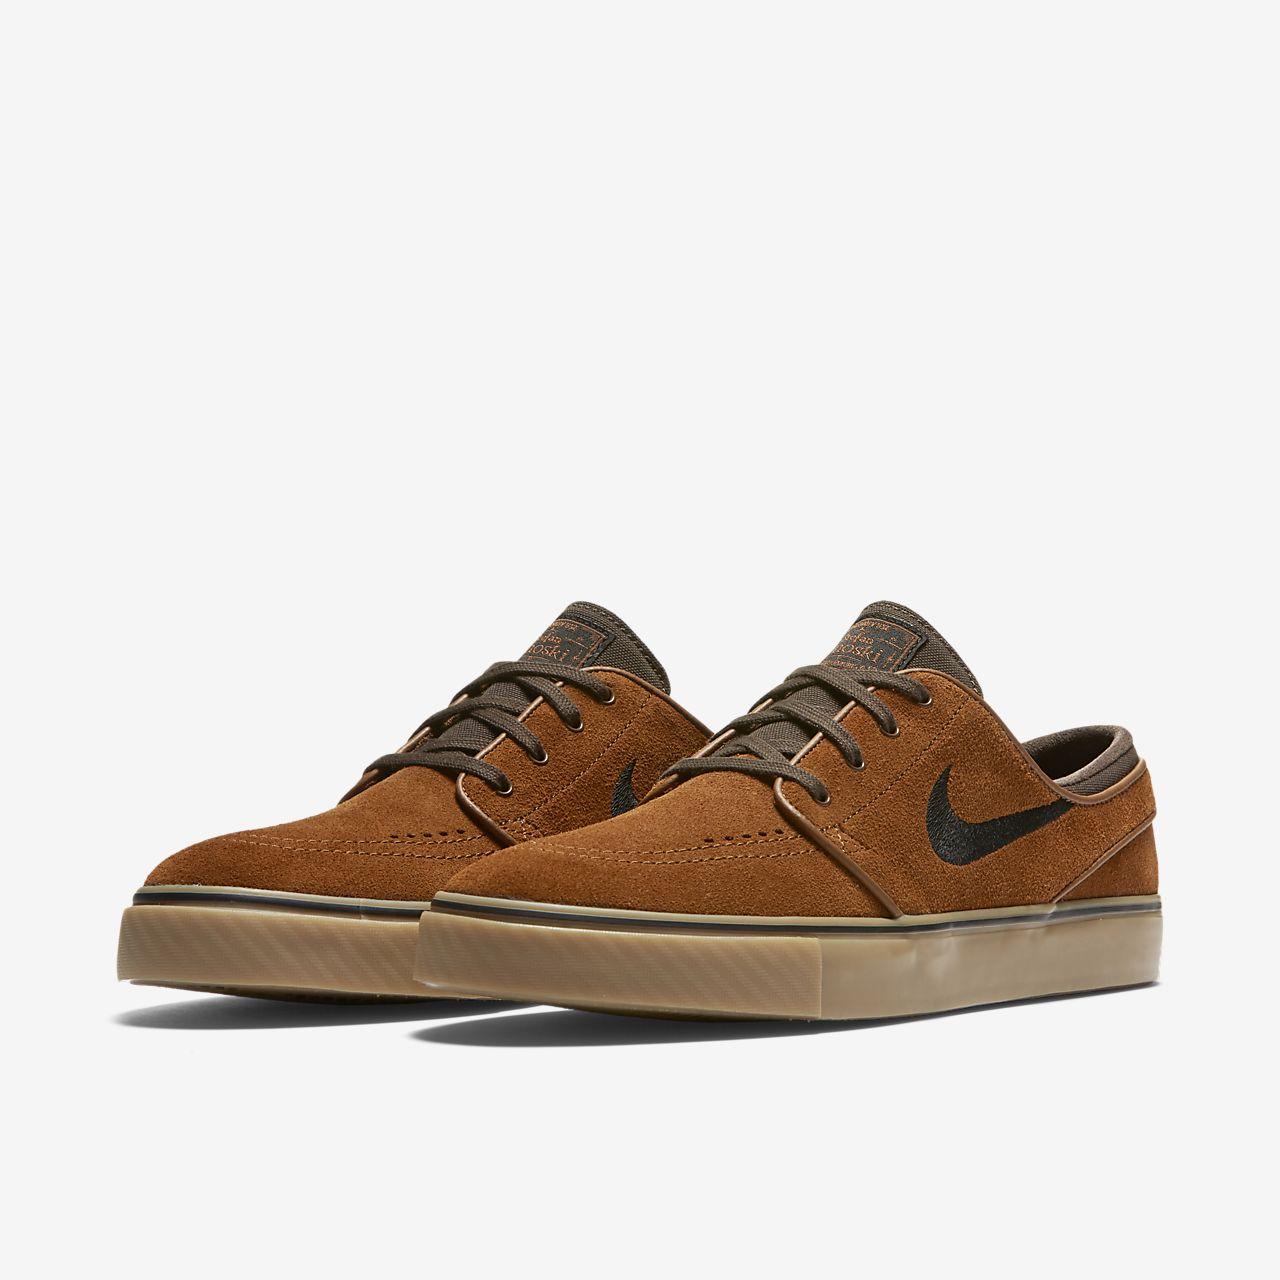 chaussure de skateboard nike sb zoom stefan janoski pour homme fr. Black Bedroom Furniture Sets. Home Design Ideas